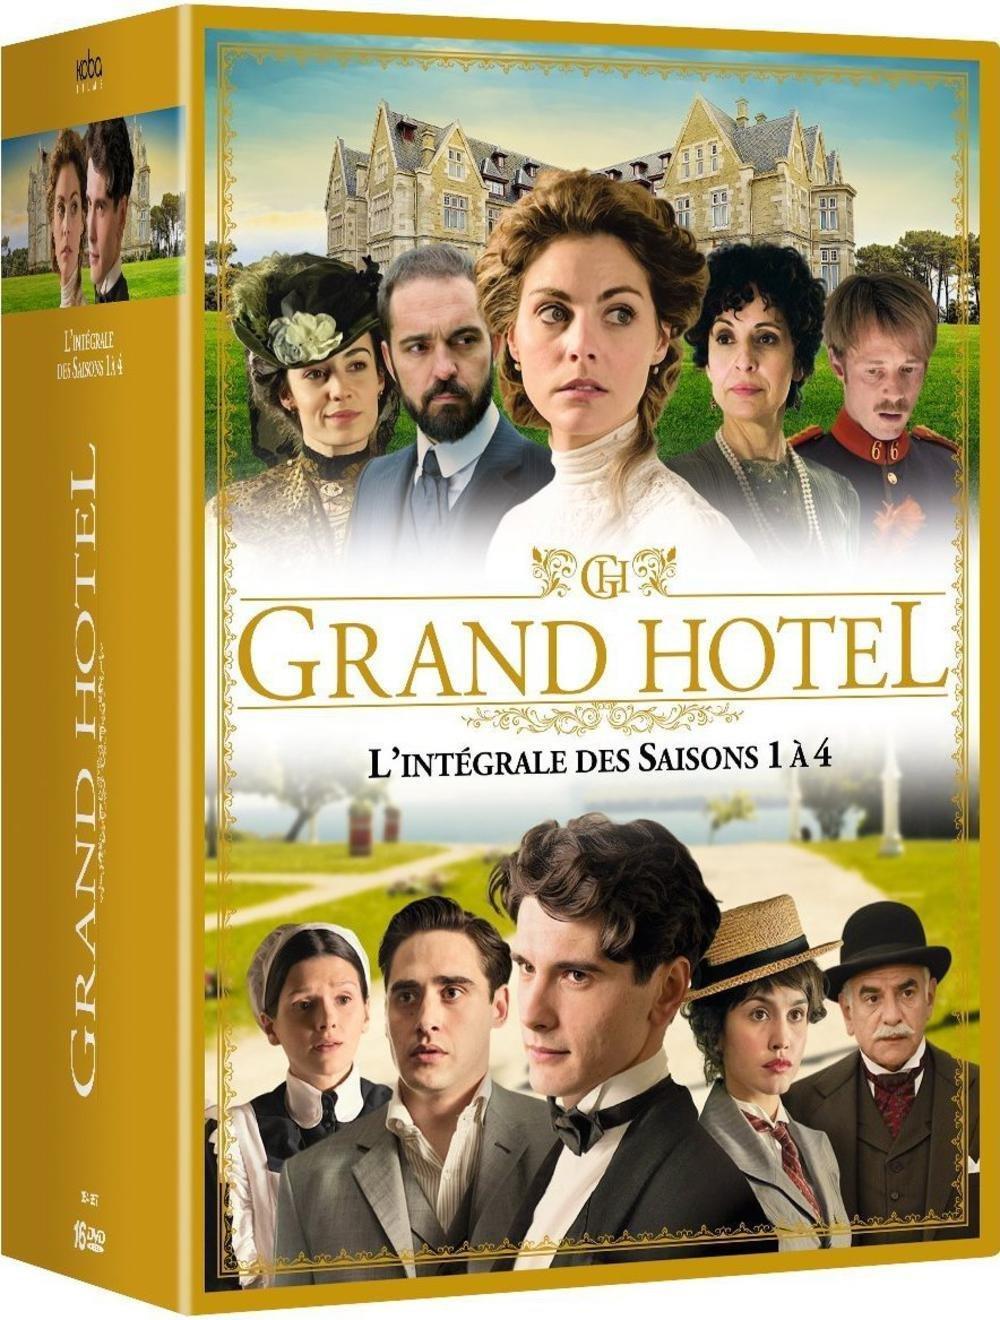 Coffret DVD Intégrale Grand Hôtel - Saisons 1 à 4